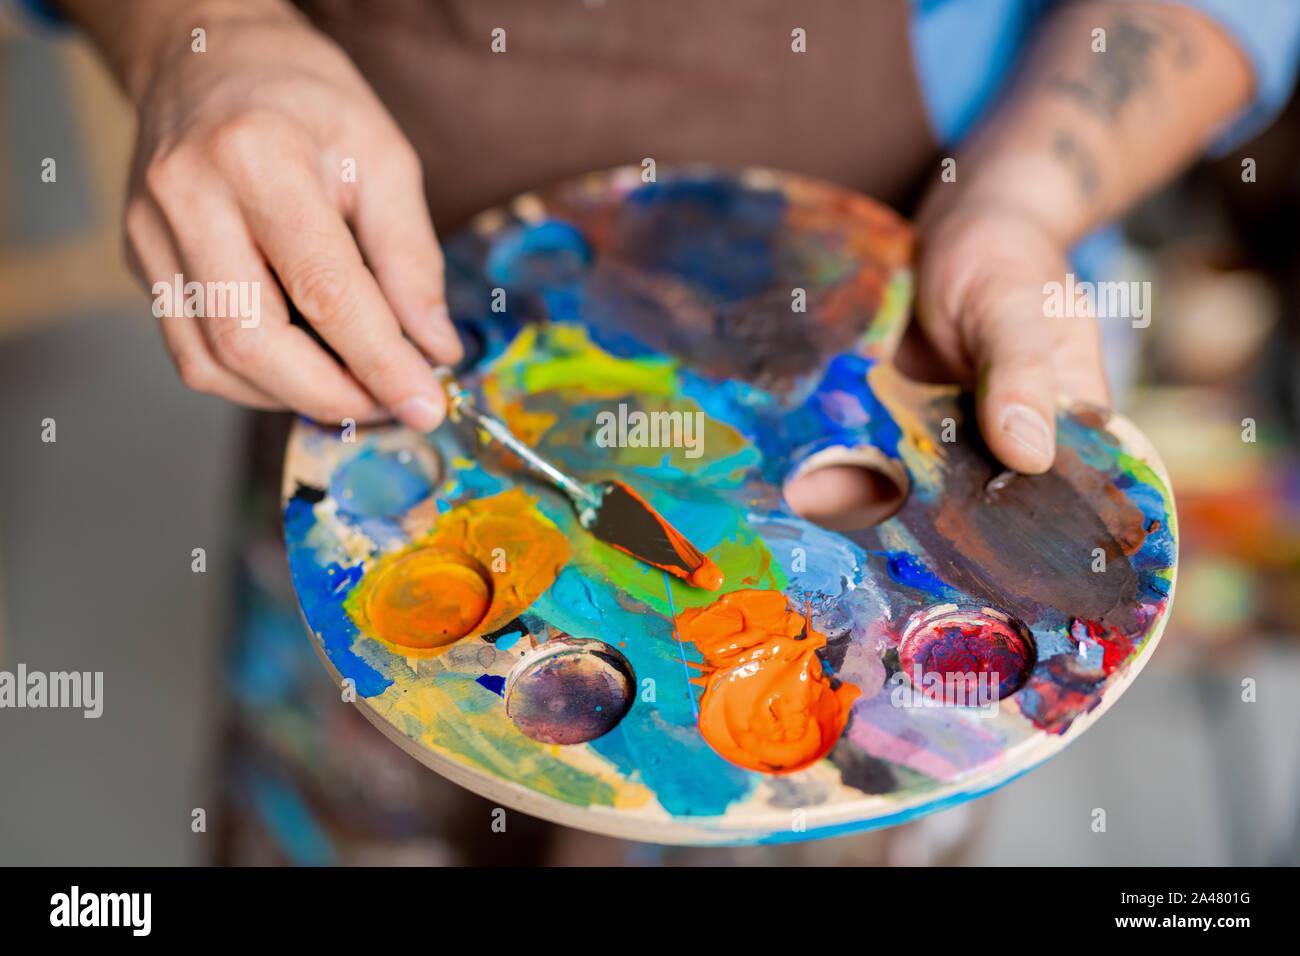 Mano de mezclado de pinturas en la paleta de pintor con pequeño instrumento antes de pintar Foto de stock